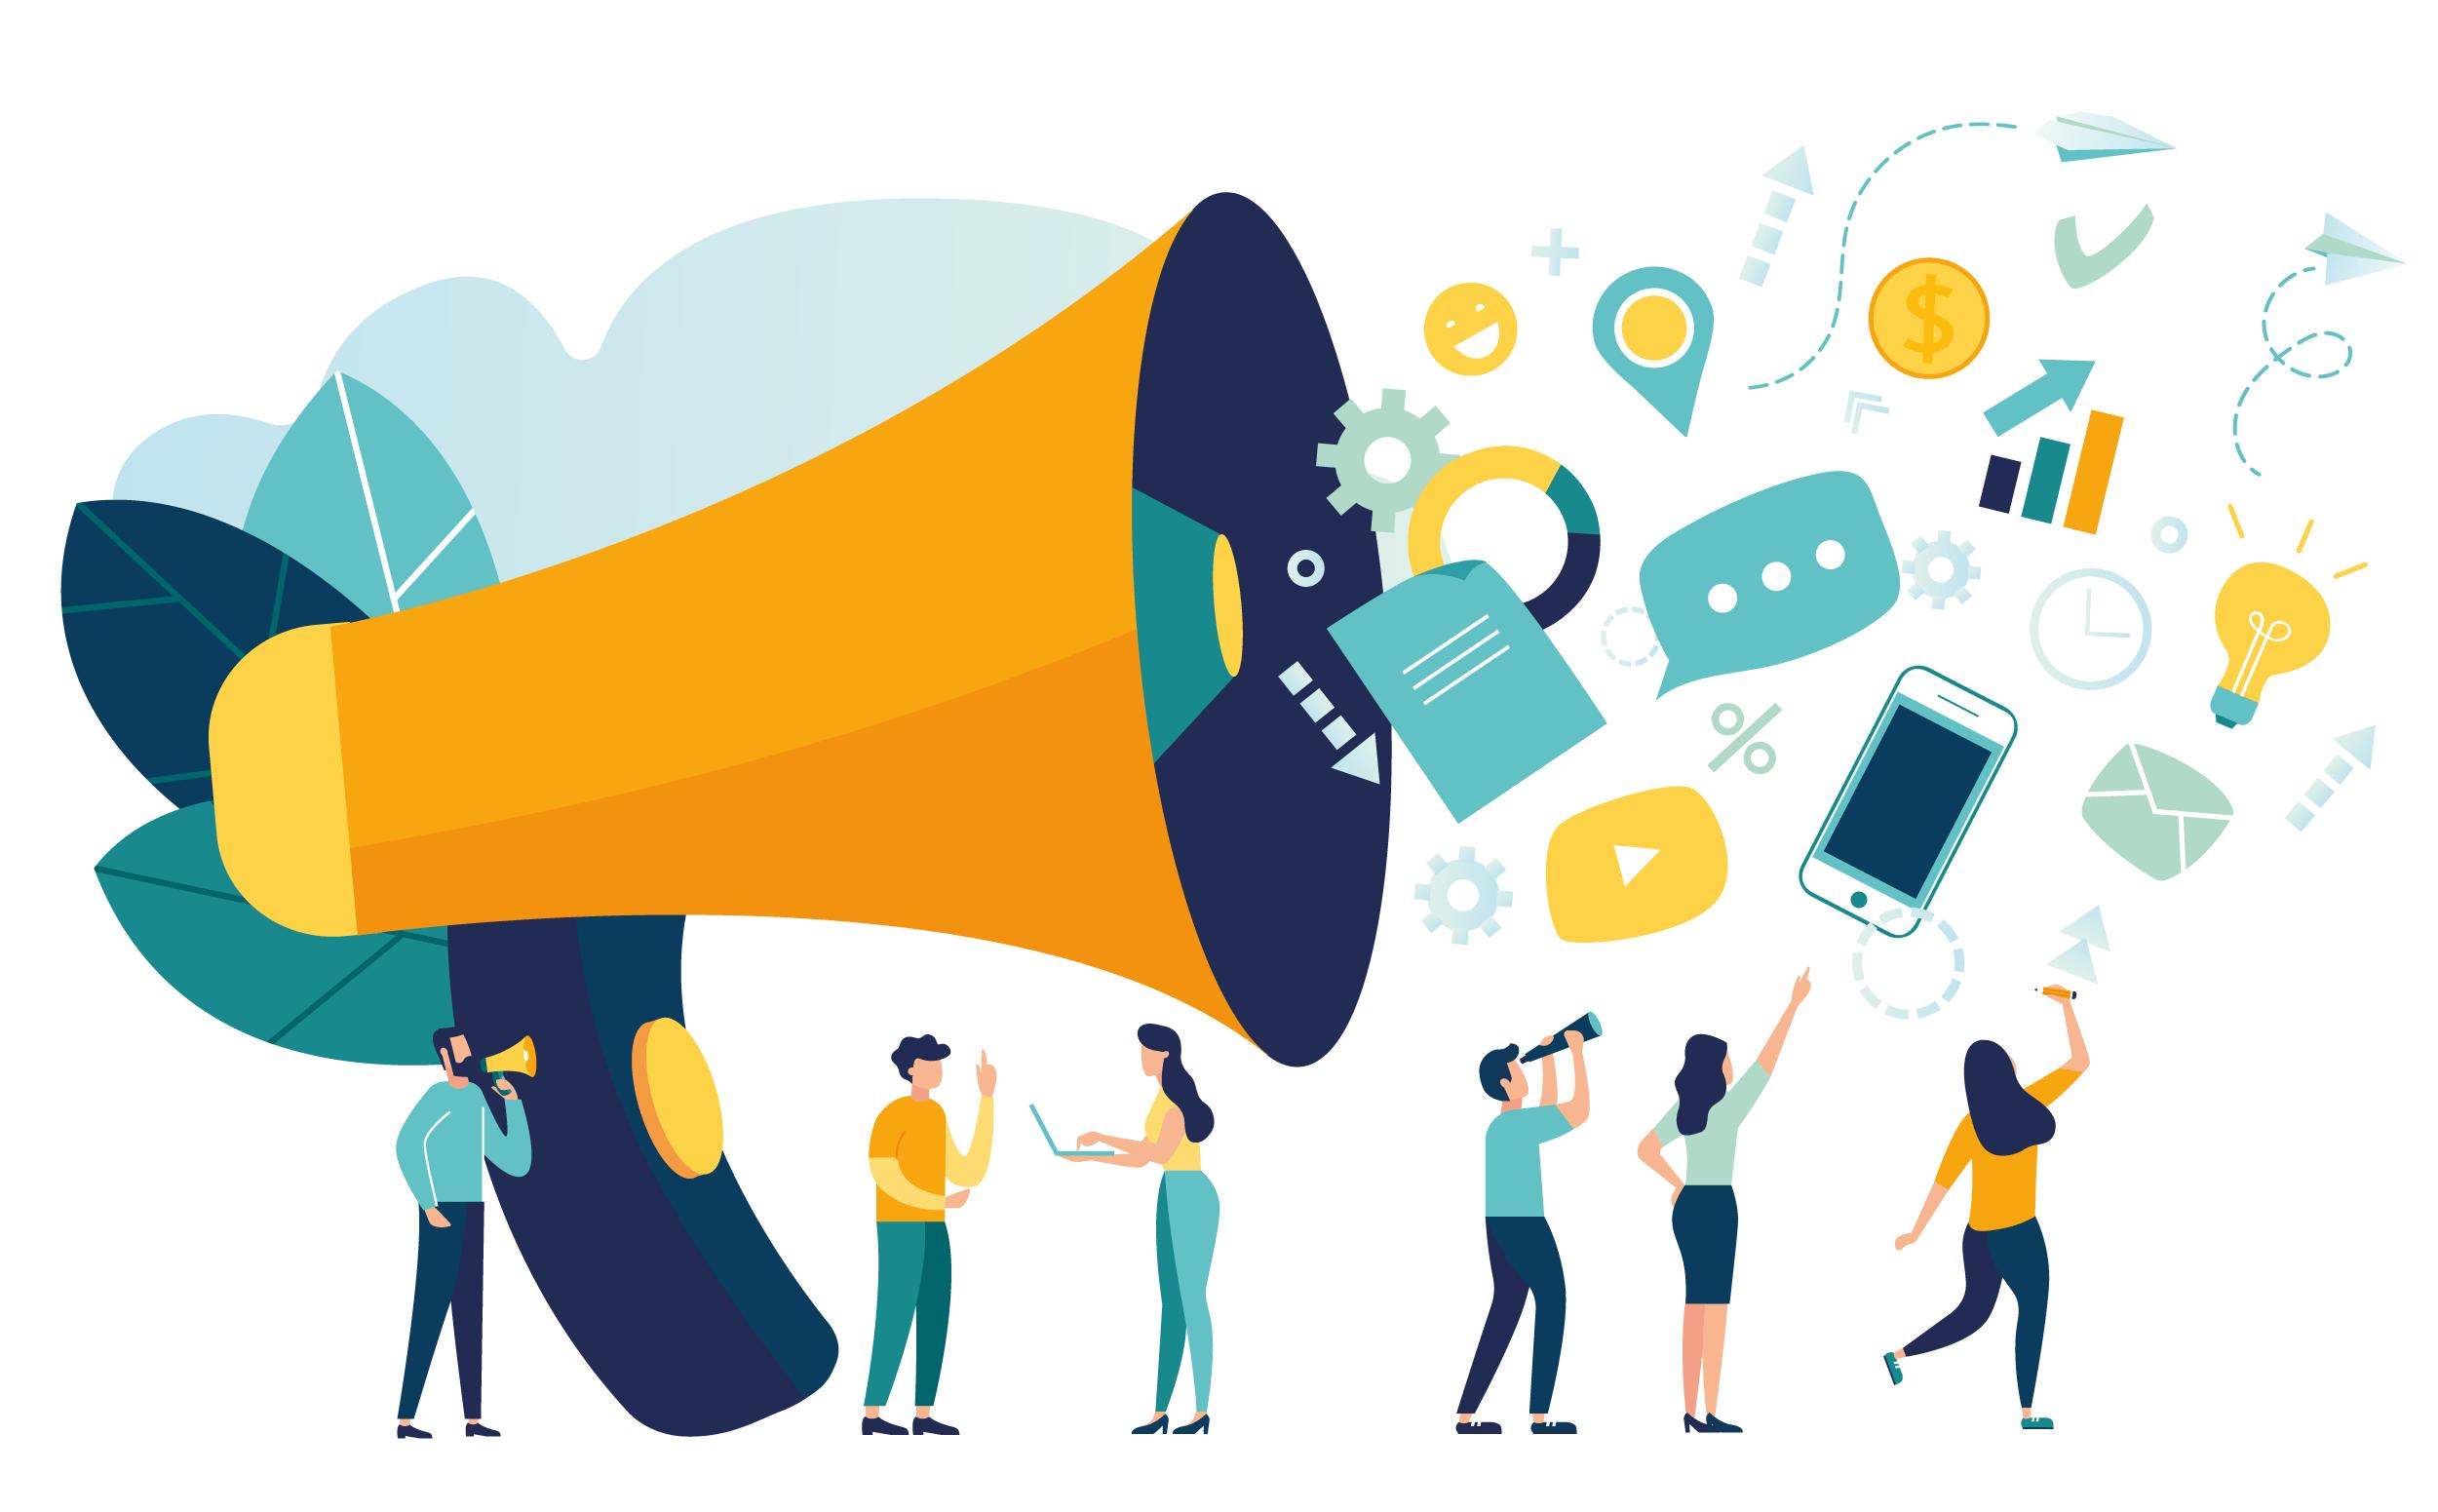 Poslovno komuniciranje brez osredotočenosti ali s preveč informacijami ne more biti učinkovito.